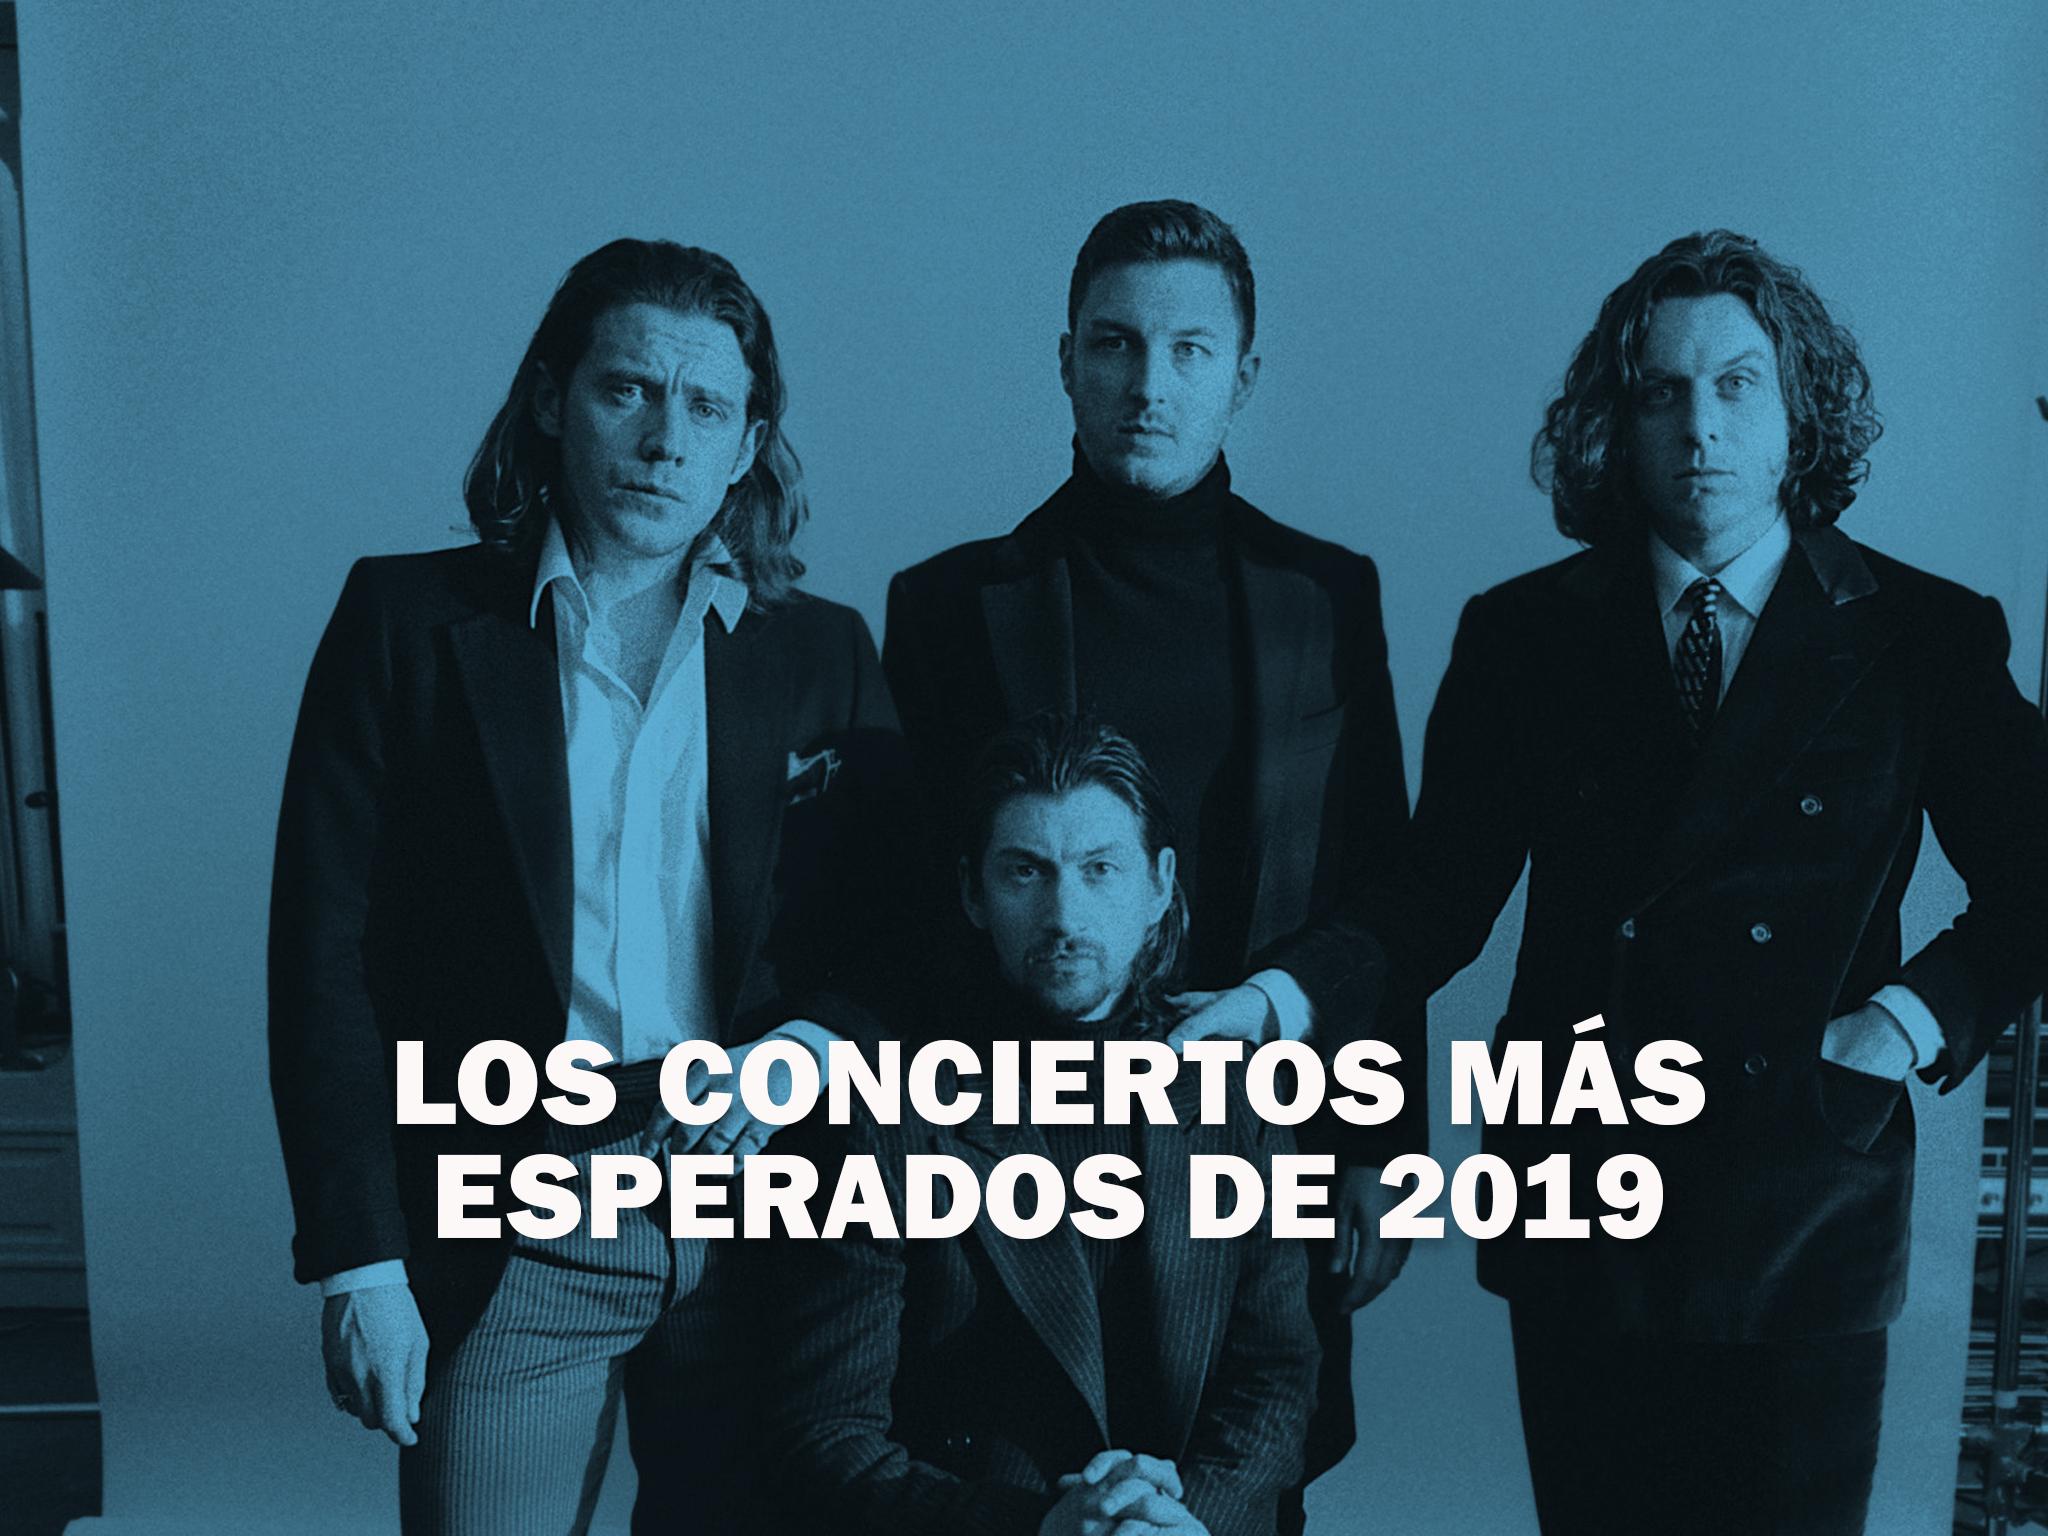 Los conciertos más esperados de 2019 en la CDMX